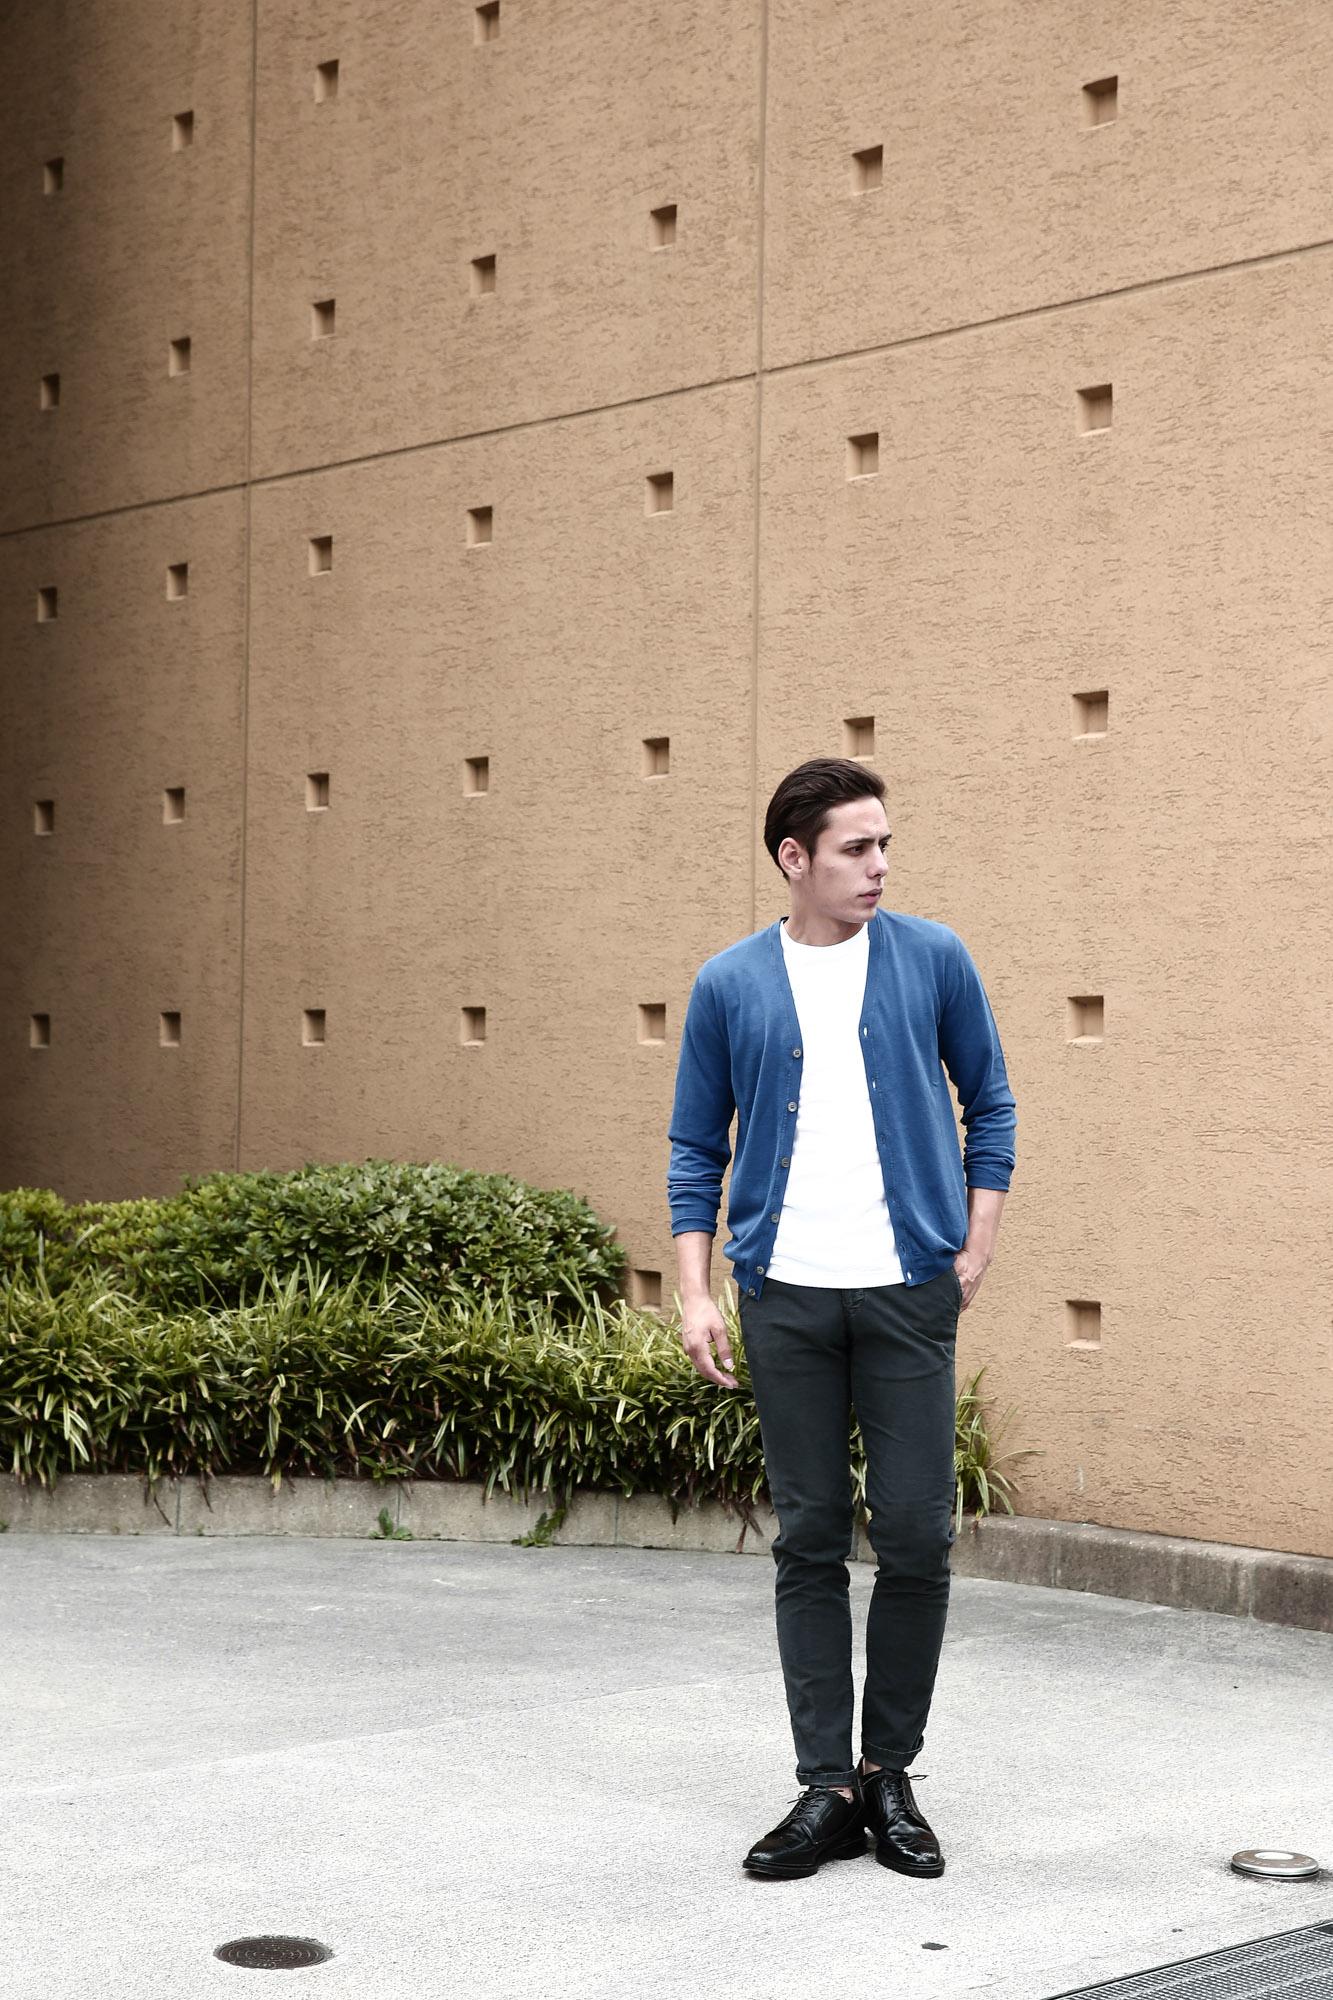 ZANONE(ザノーネ) CARDIGAN Sweaters V-Neck 811904 zy367 Vネックカーディガン BLUE(ブルー・Z3888) のコーデイネート画像。コットンニットを採用した2016年春夏モデル。